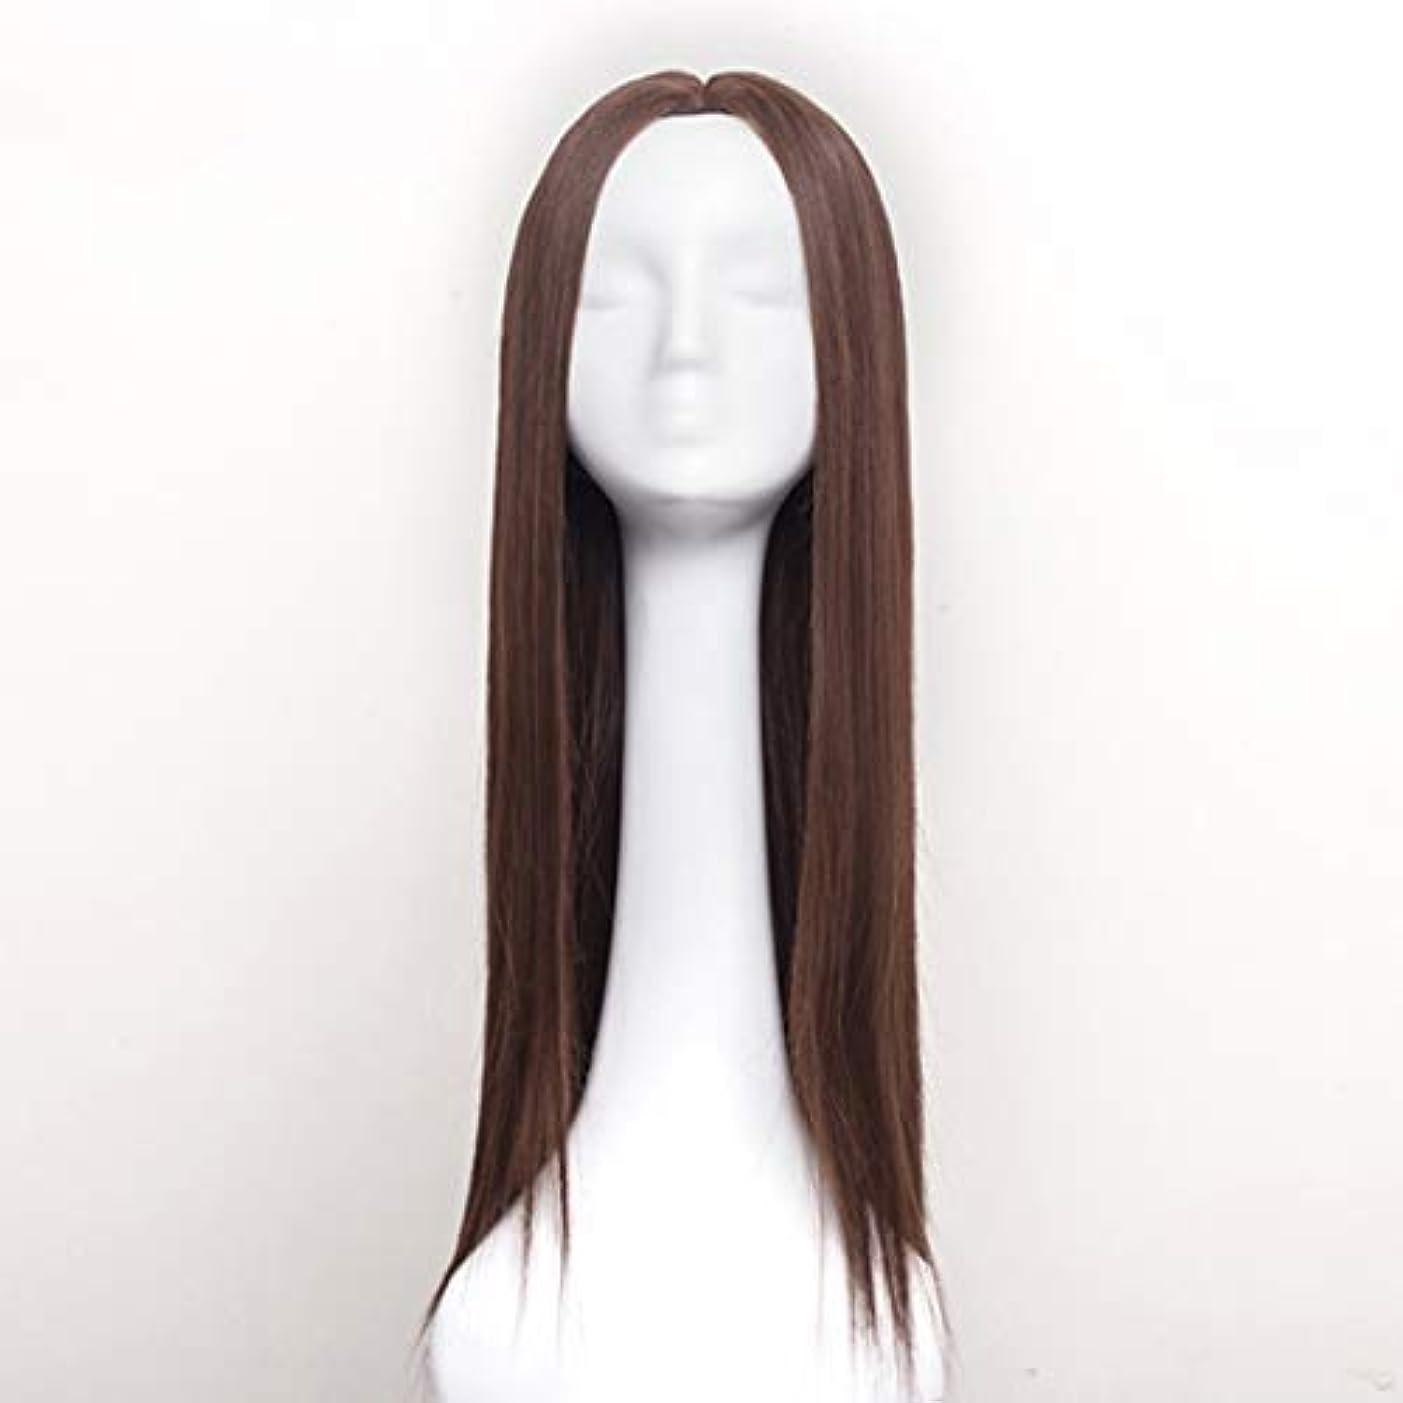 可動教えるスラムSummerys 女性のための合成かつら自然に見えるロングストレート波状なしレース耐熱交換かつら (Color : Light Brown)